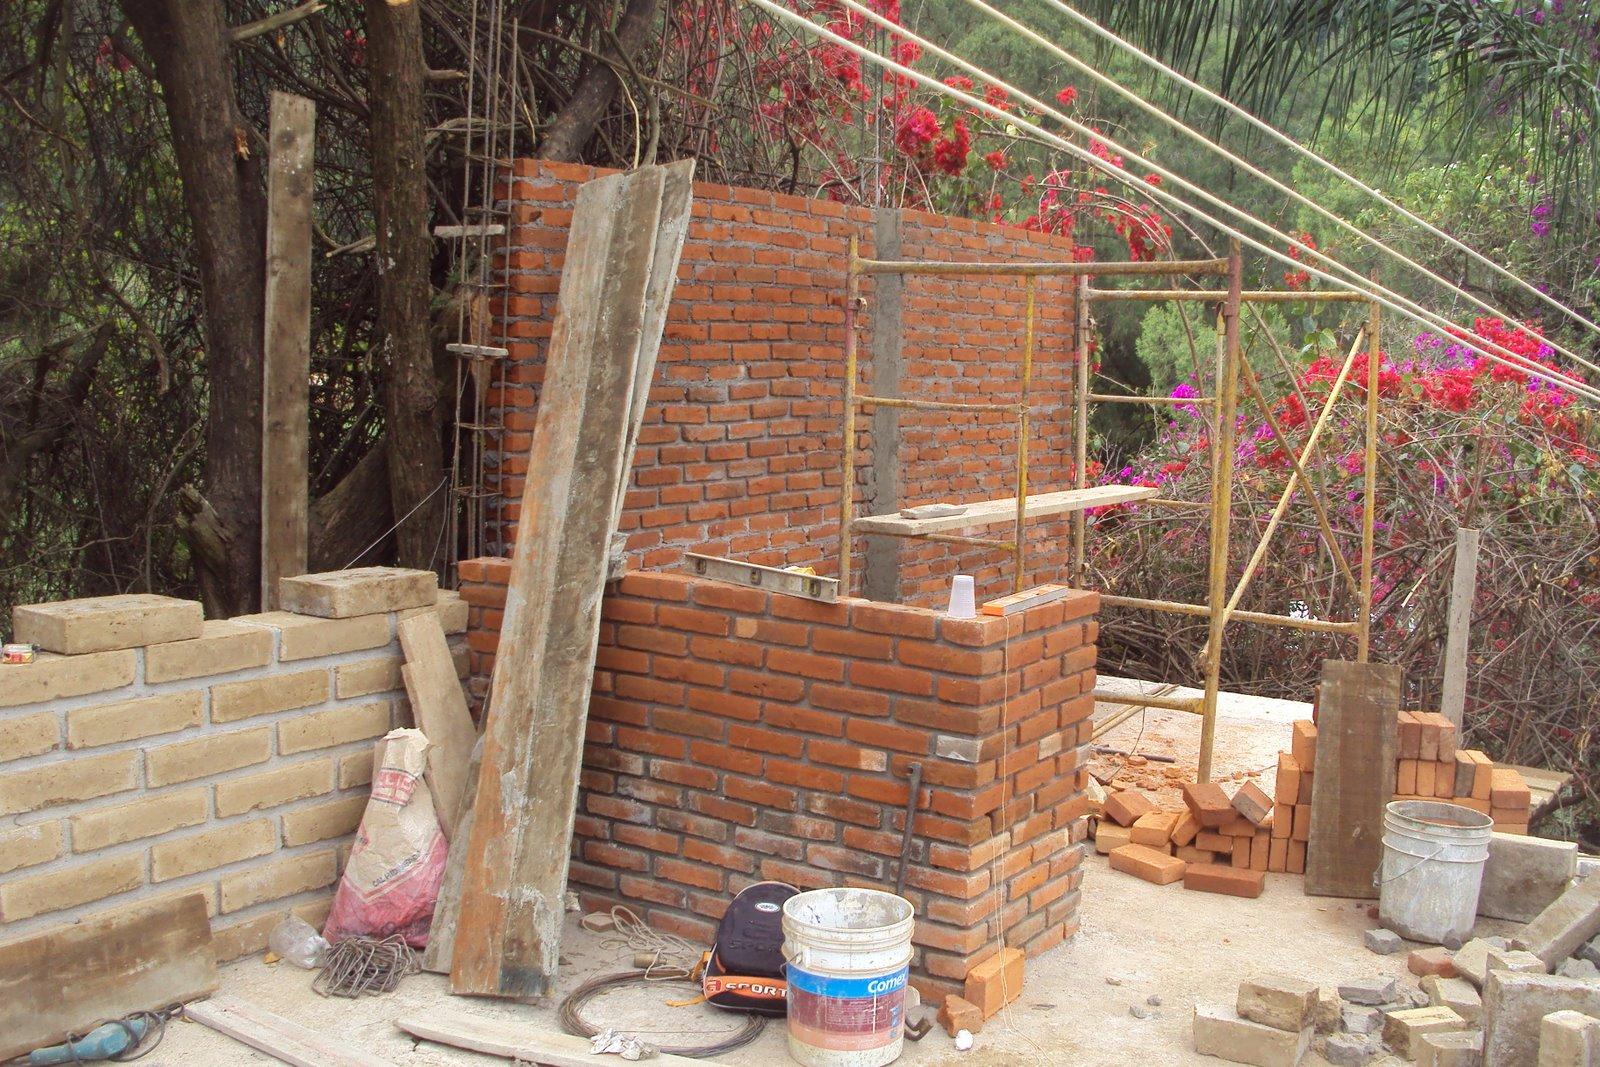 Construccion De Baño En Planta Alta:econstructivismo: construccion de muros planta alta_Loft Tepoztlan